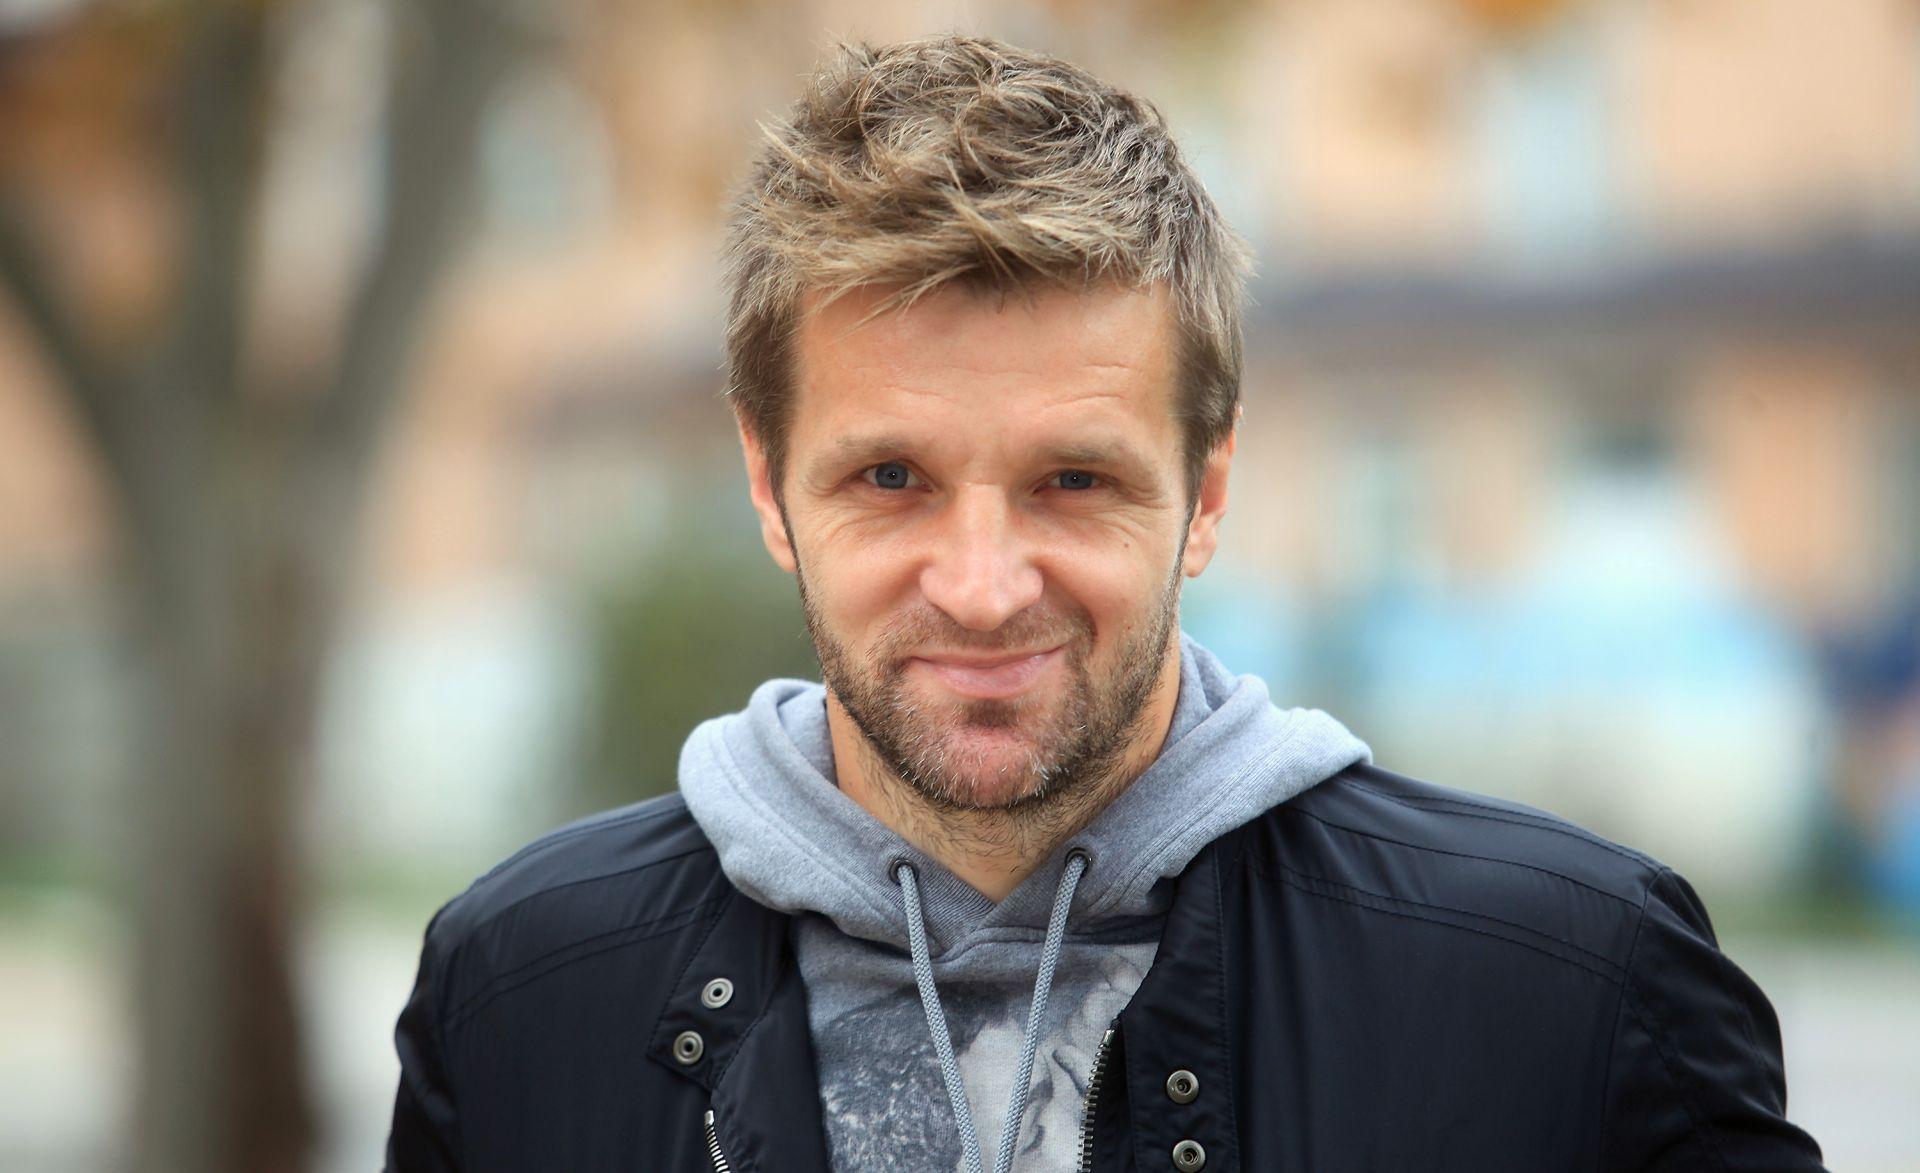 UDARANJE TAKSISTA Bivši nogometaš Igor Bišćan uvjetno osuđen na tri mjeseca